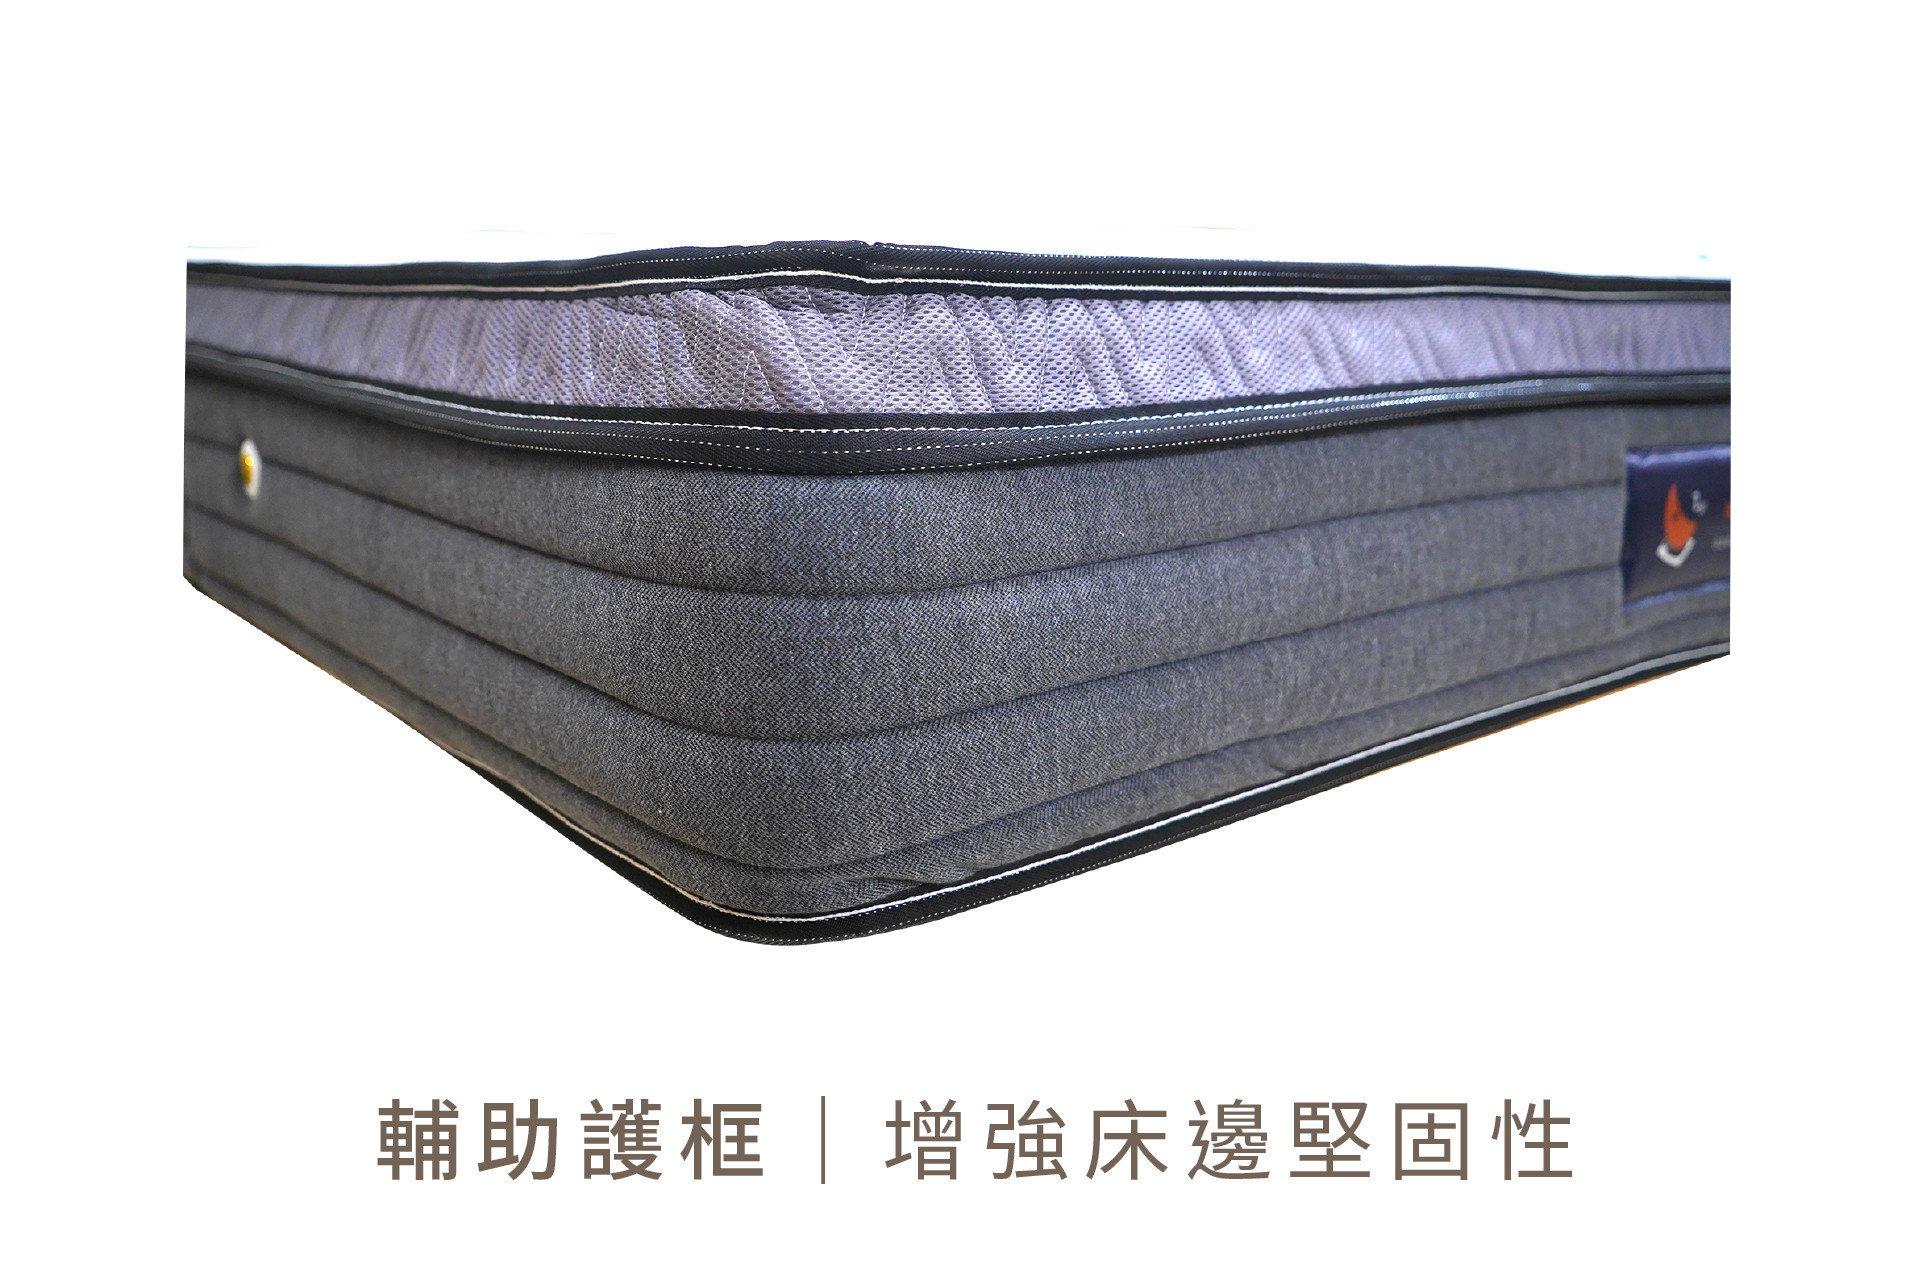 【格雷 冰晶乳膠護脊床】床沿加裝護框設計,增強床墊堅固性,上下床更安心